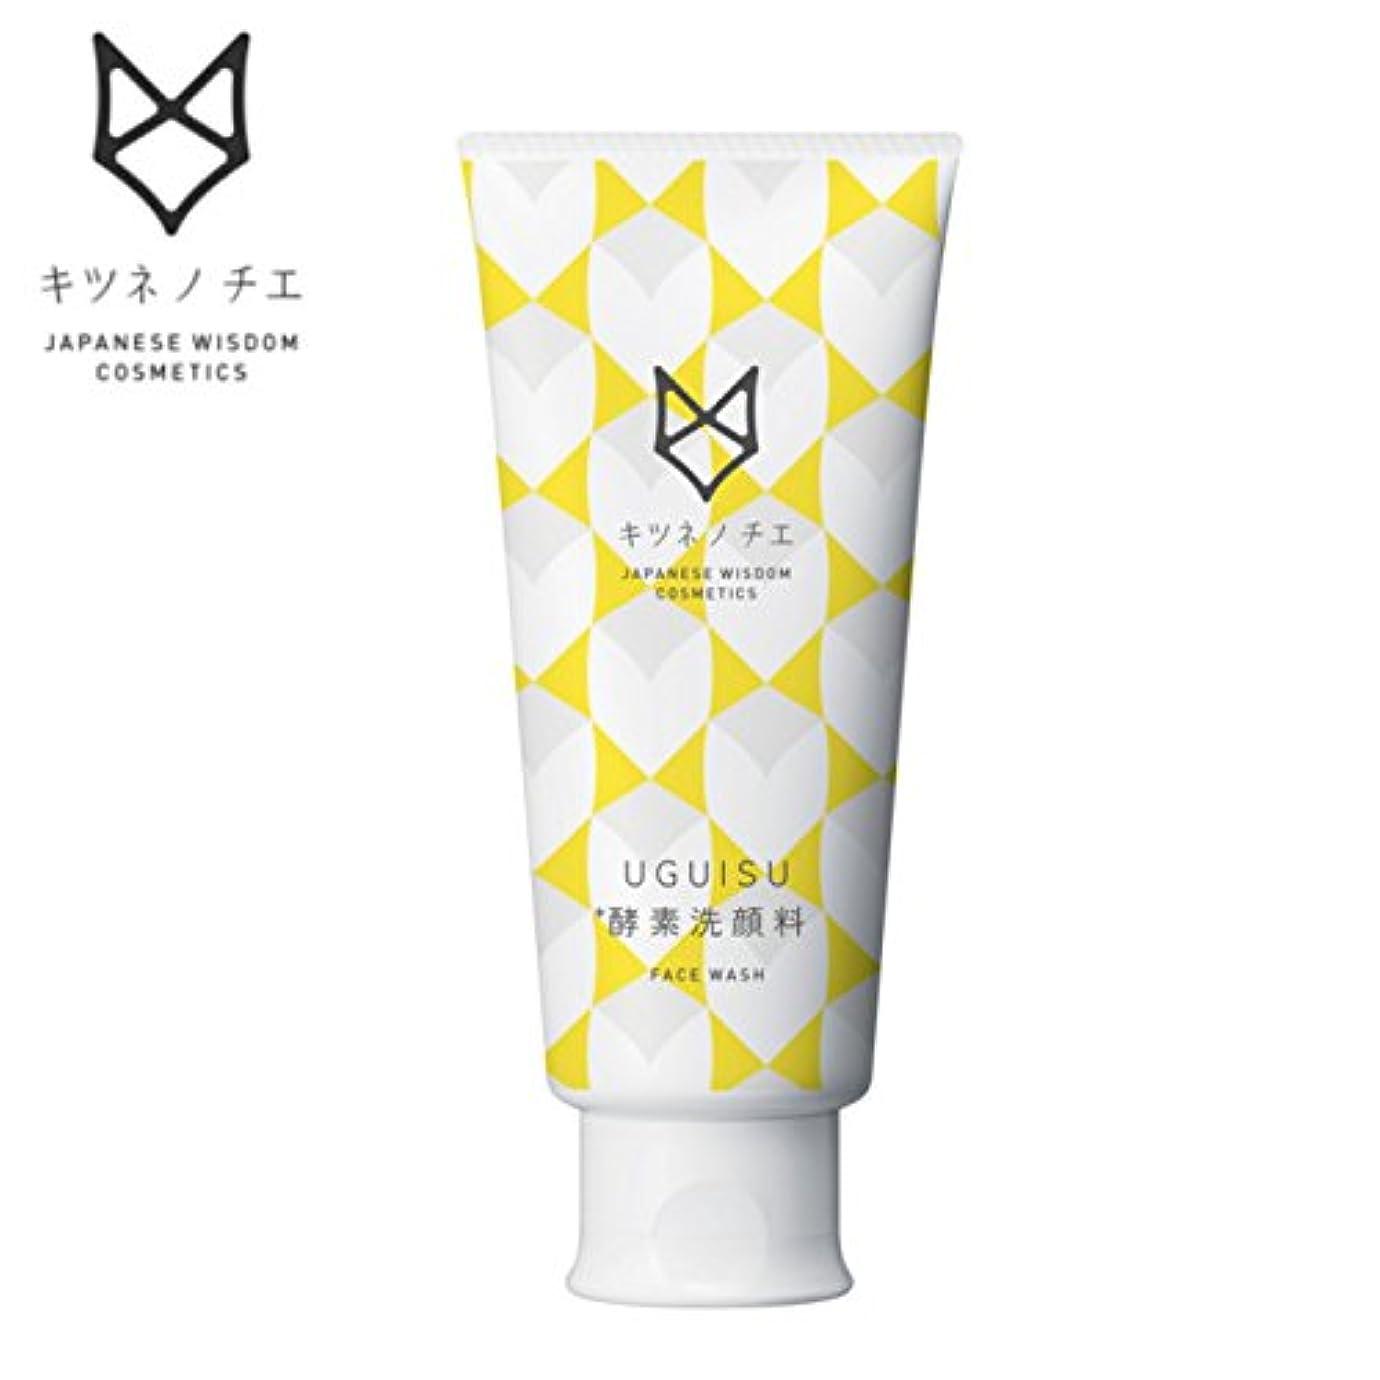 経験者元気なファンネルウェブスパイダーキツネノチエ UGUISU 酵素洗顔料